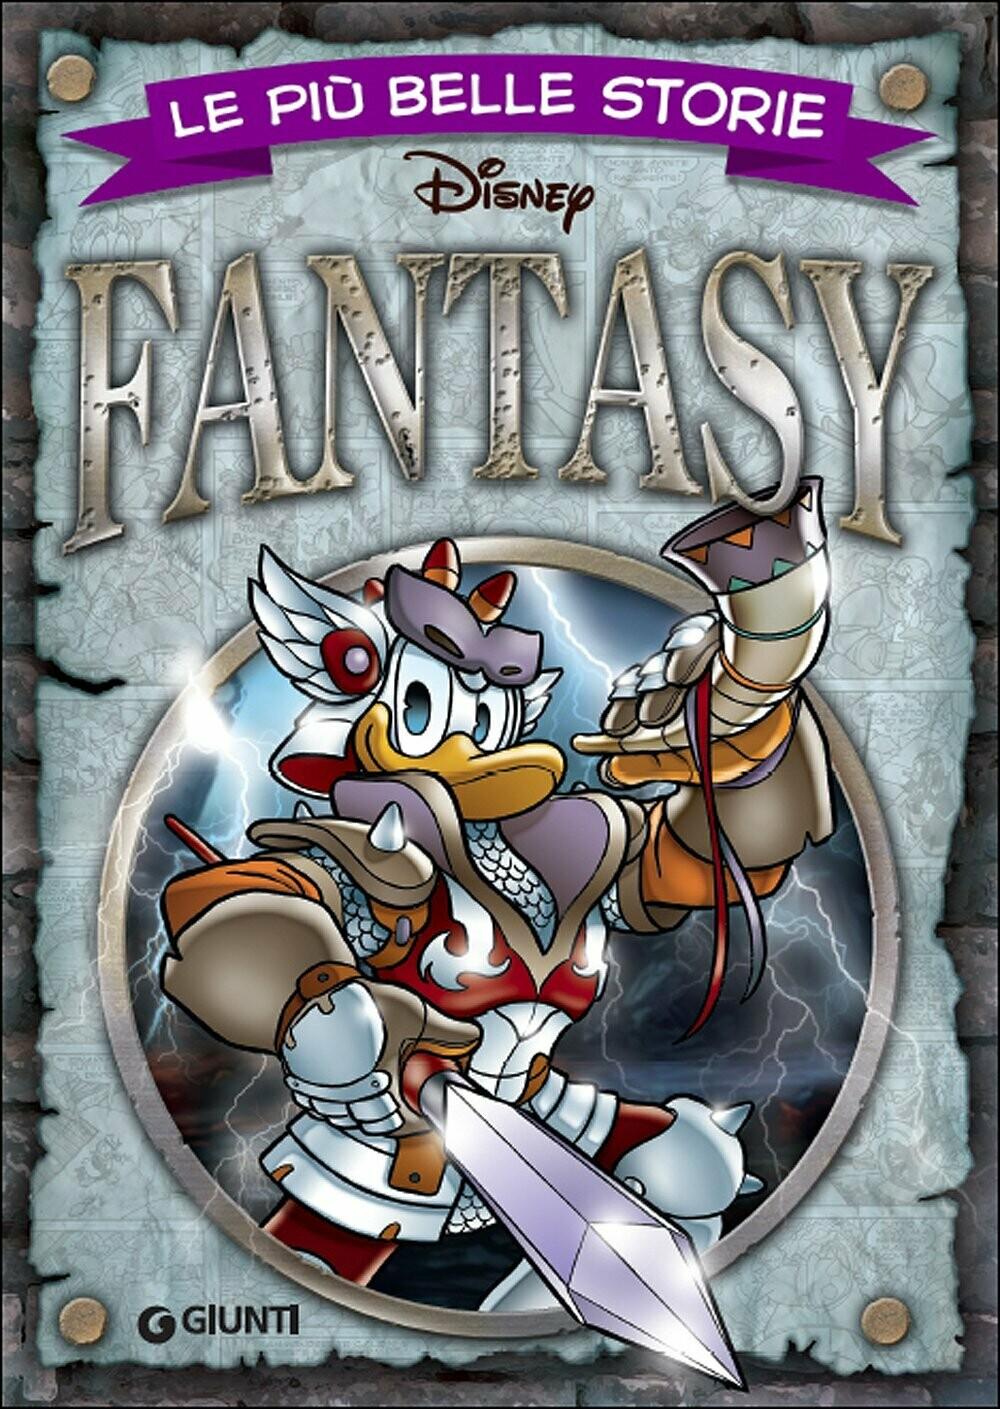 Le più belle storie. Fantasy